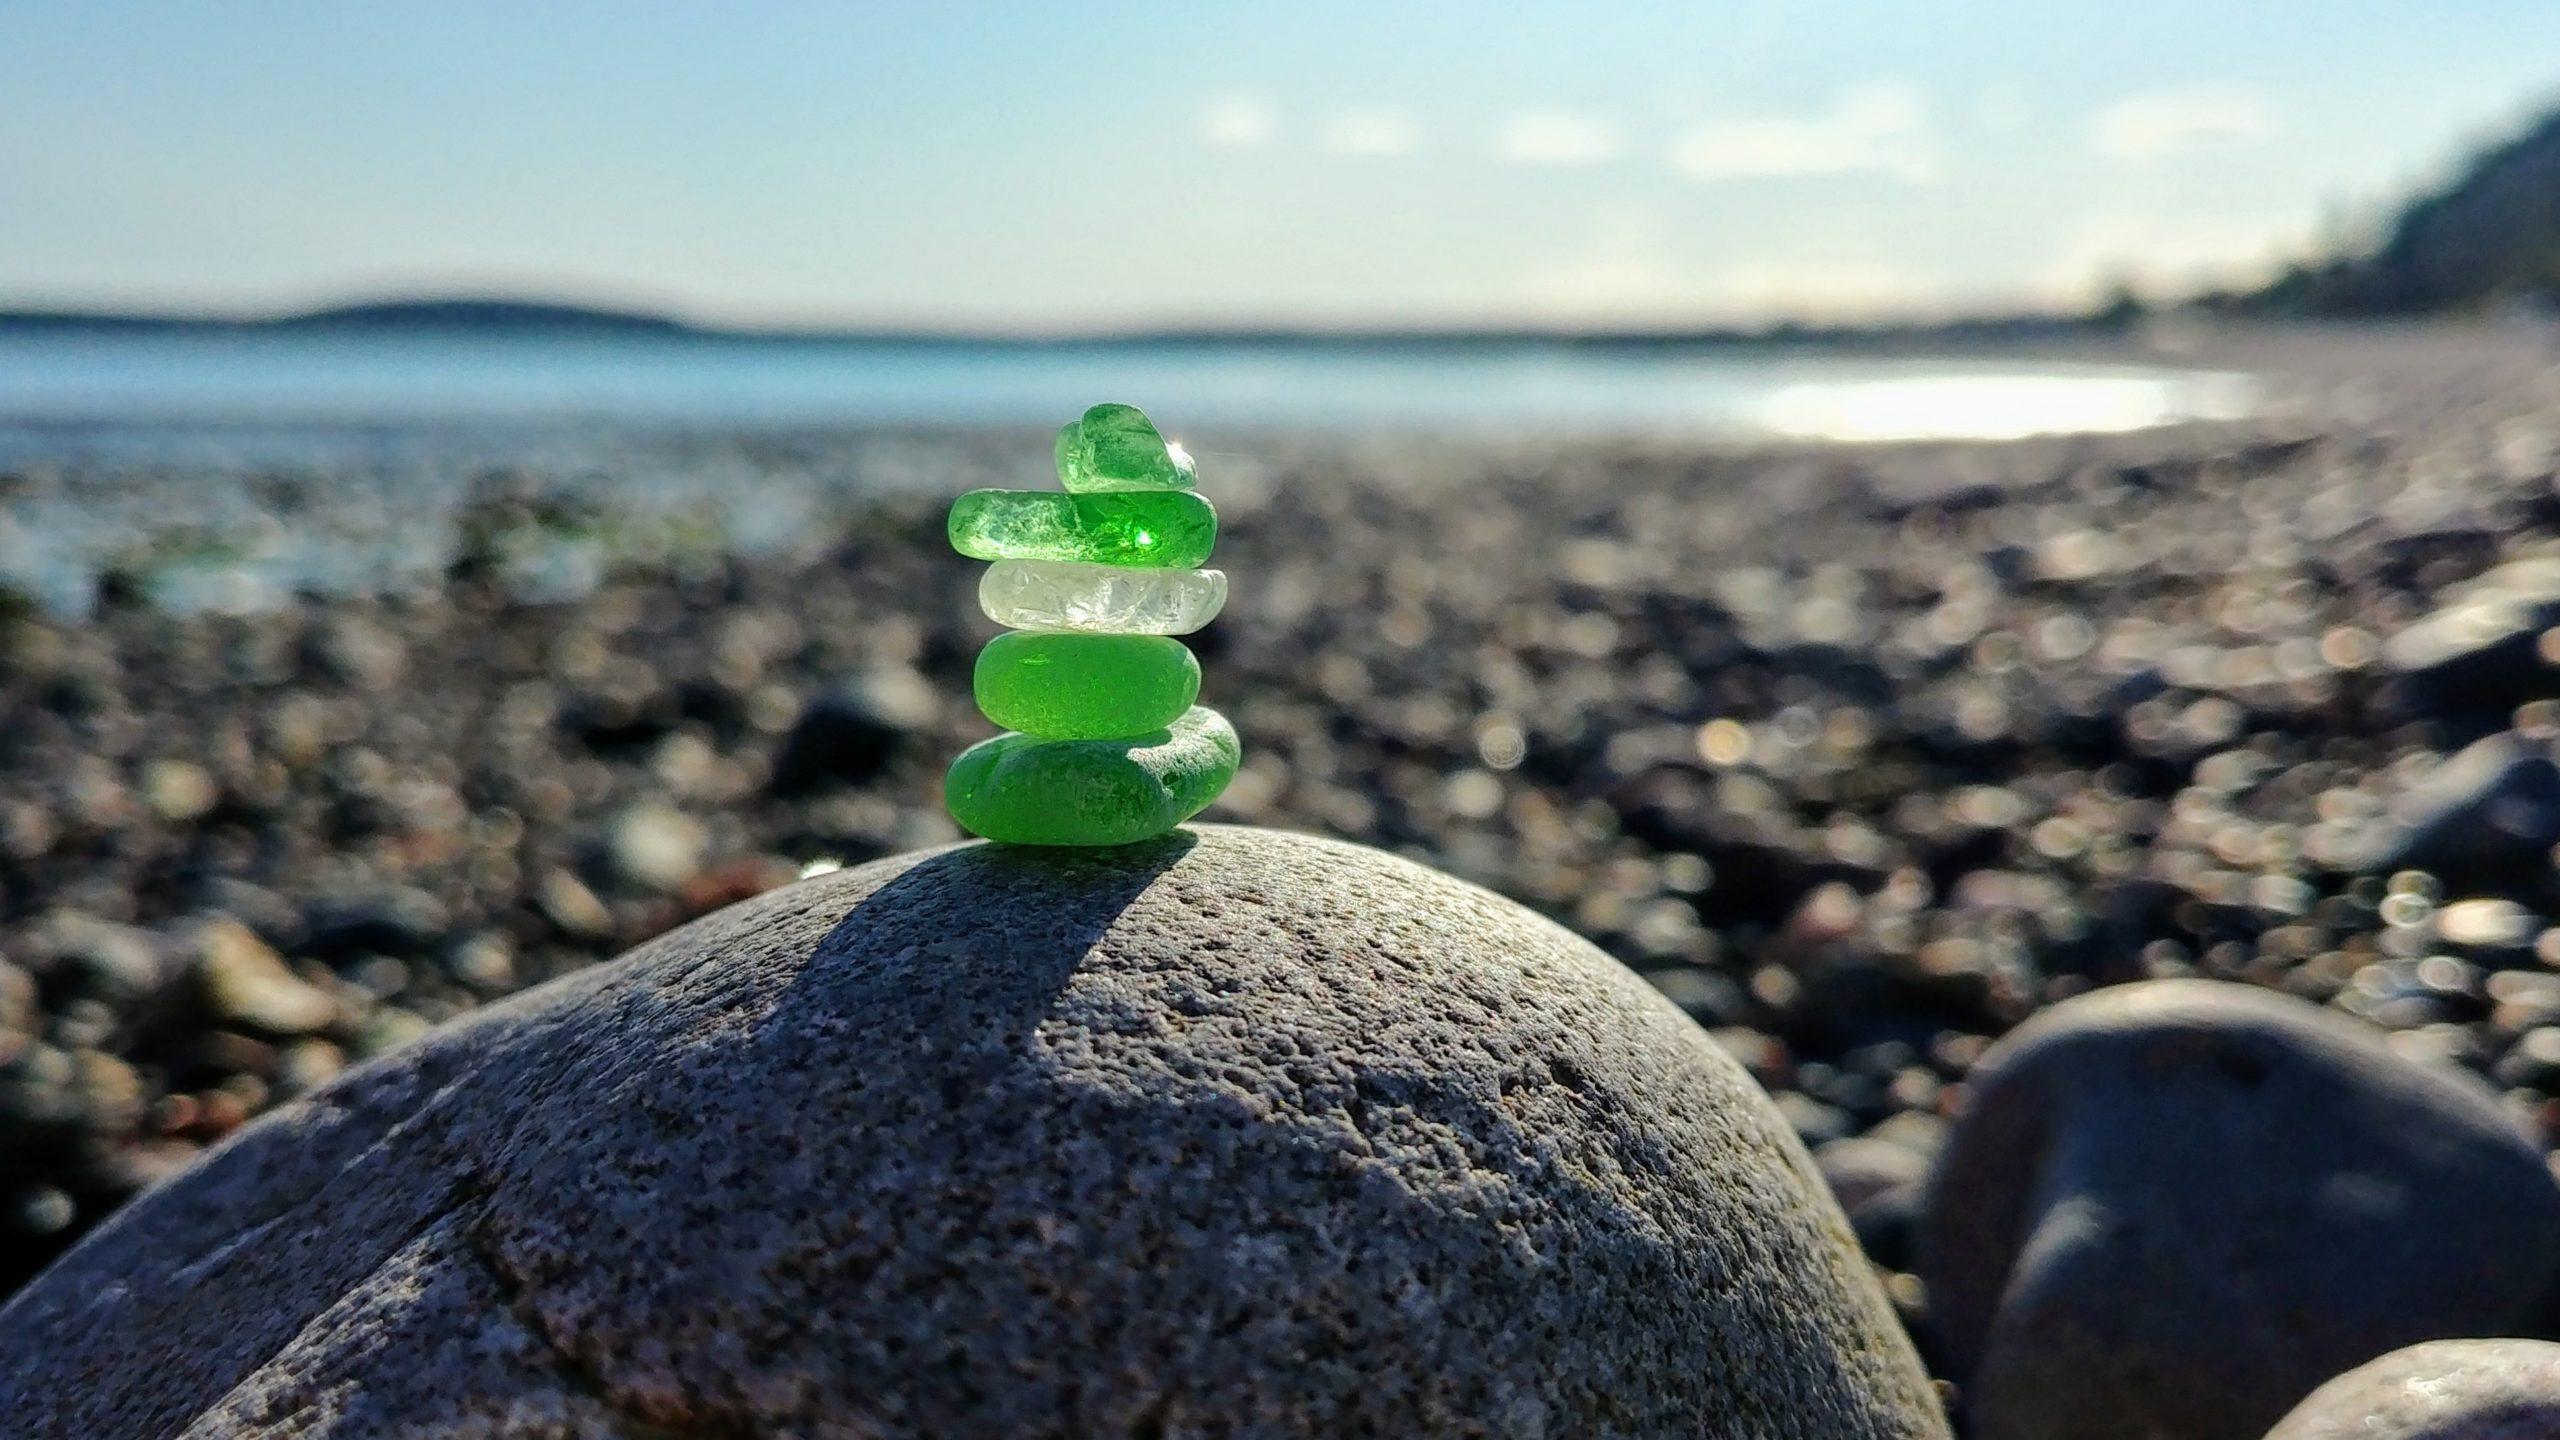 Verre de mer baie de Fundy Nouveau-Brunswick